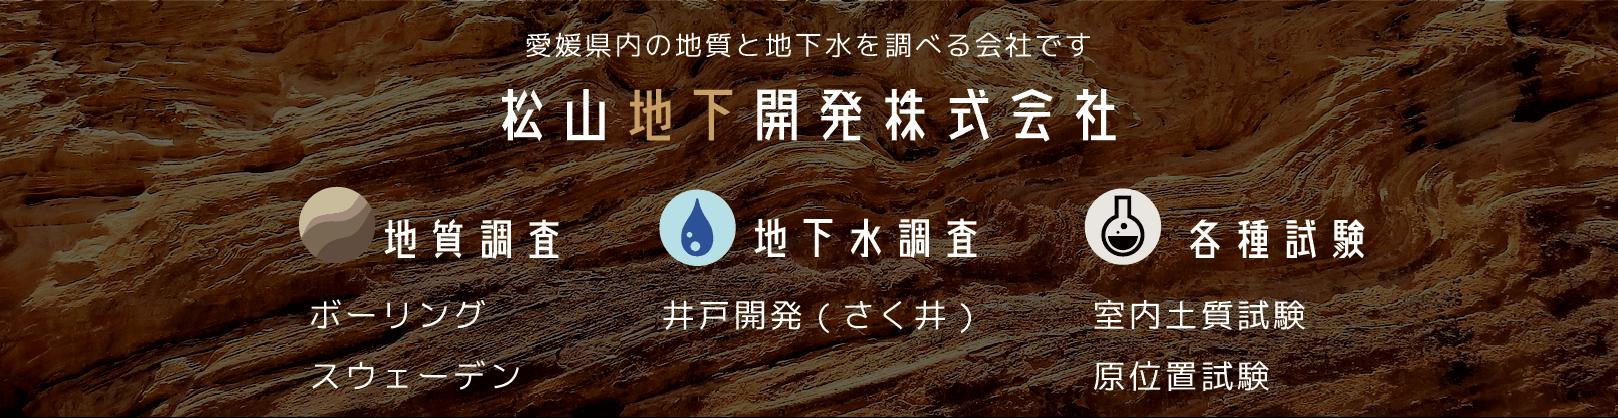 松山地下開発株式会社